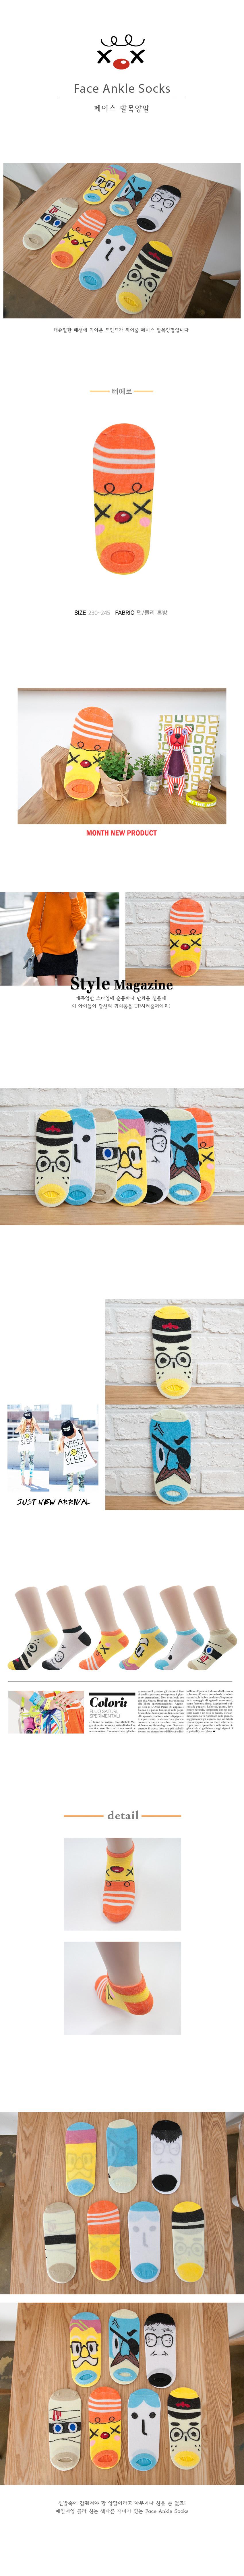 FACE ANKLE SOCKS-페이스 발목양말(삐에로) - 레인트리, 950원, 여성양말, 패션양말